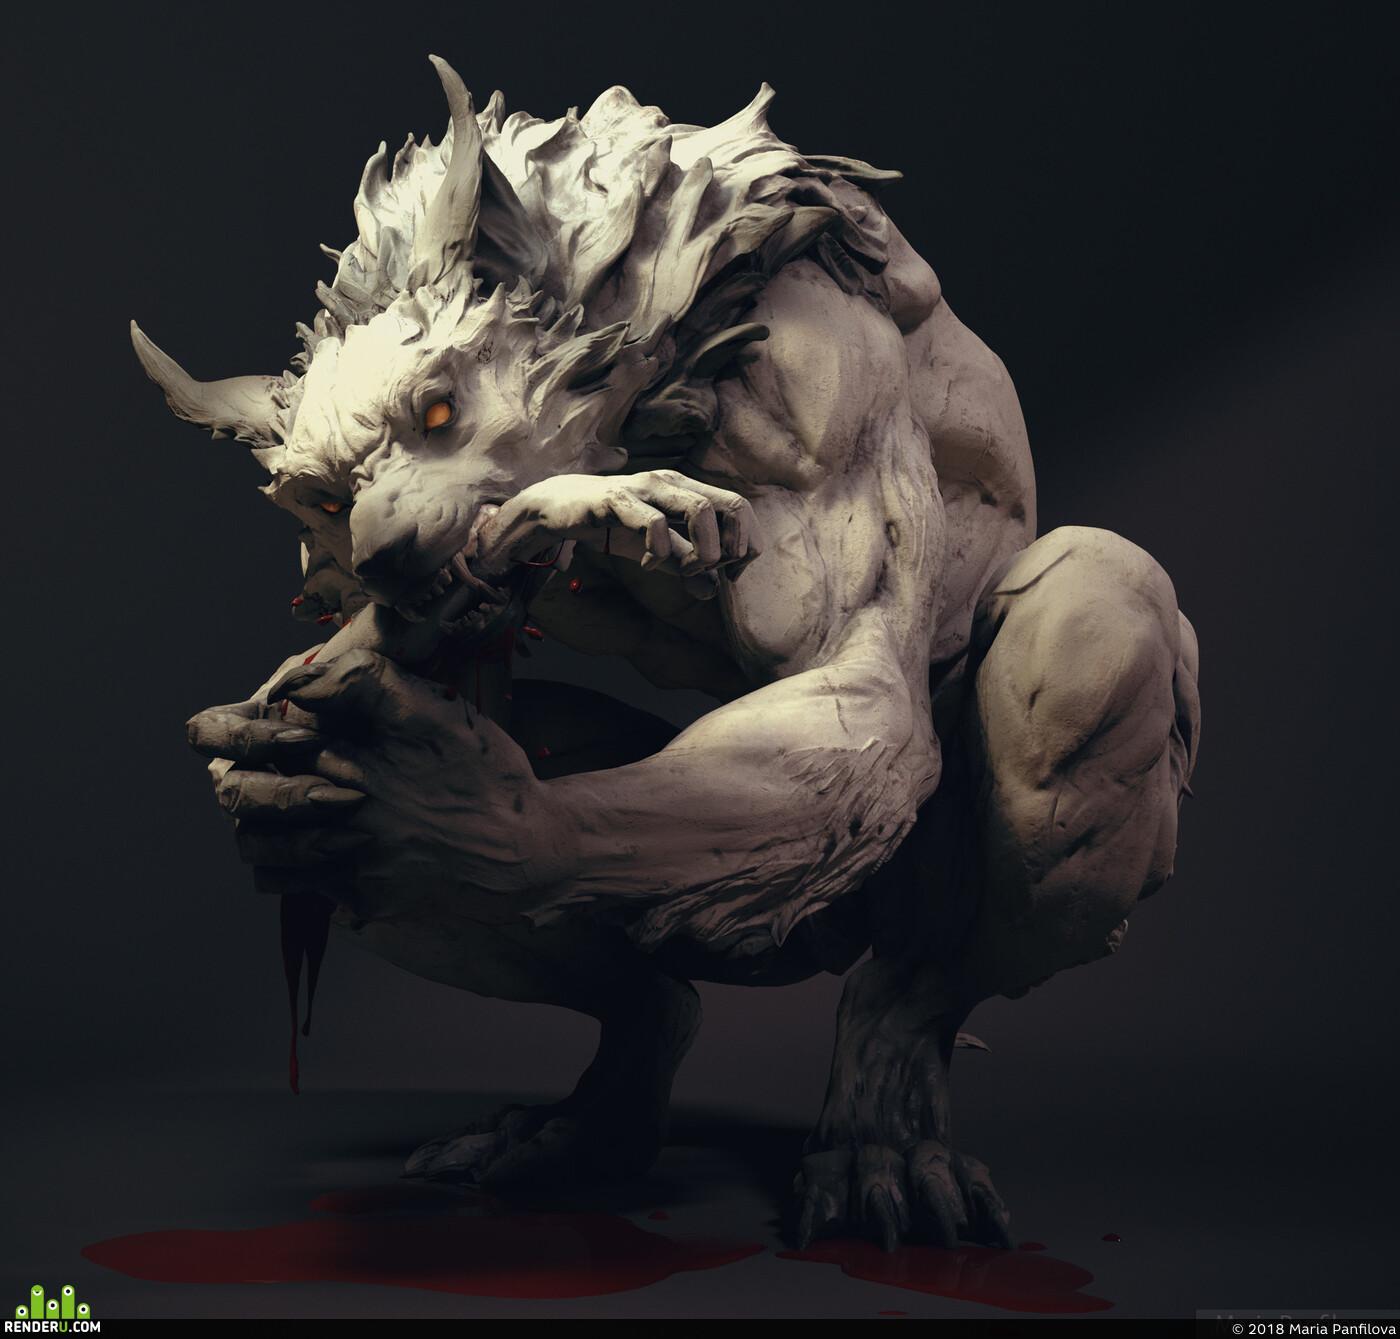 Werewolf, monster, Wolf, dog, beast, sculpture